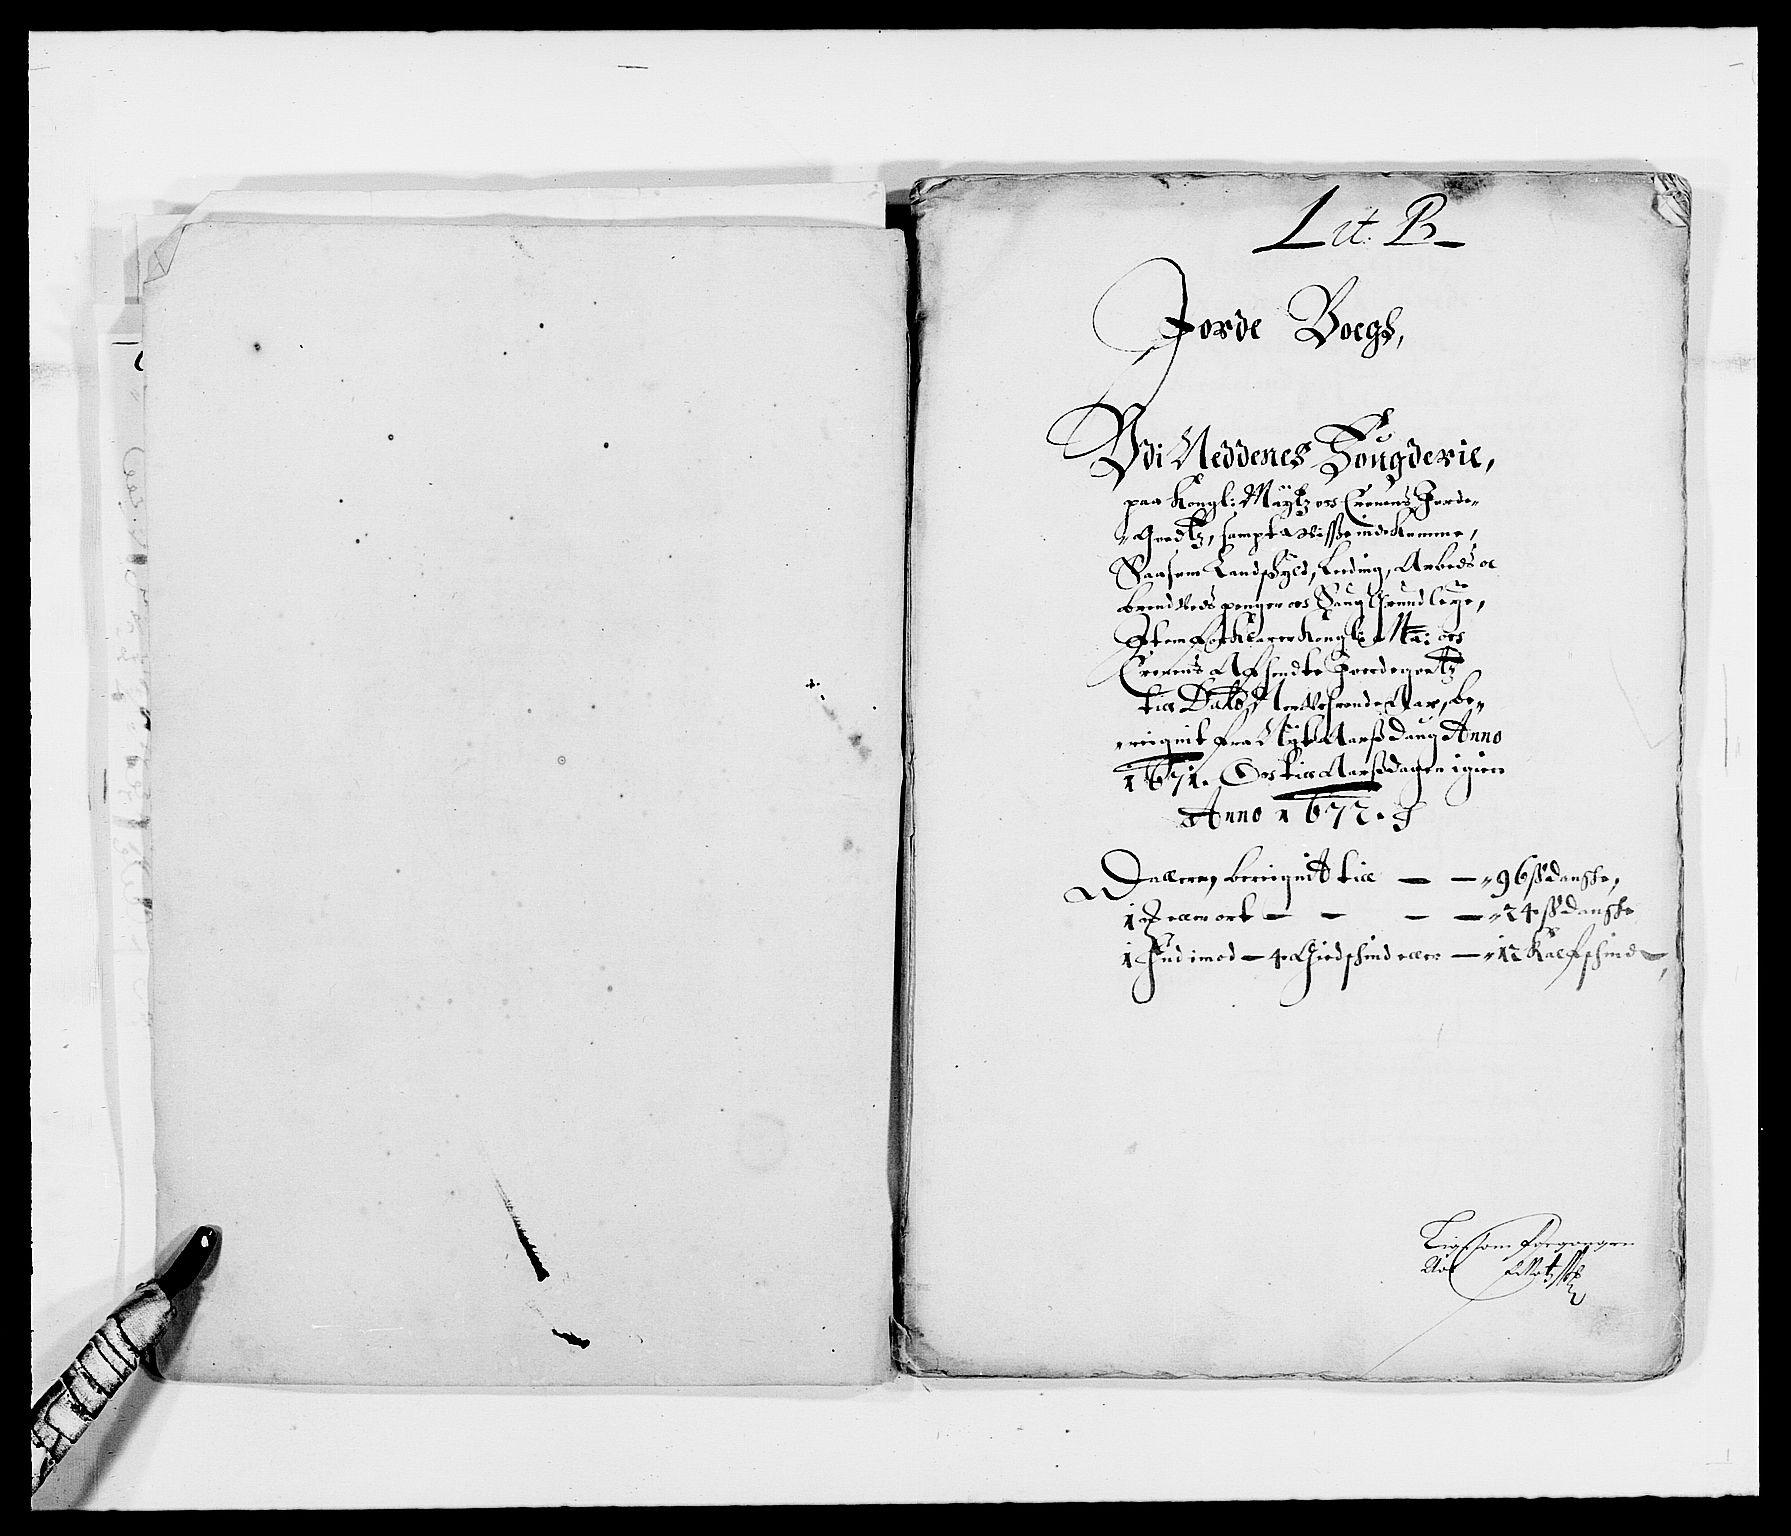 RA, Rentekammeret inntil 1814, Reviderte regnskaper, Fogderegnskap, R39/L2299: Fogderegnskap Nedenes, 1670-1671, s. 170